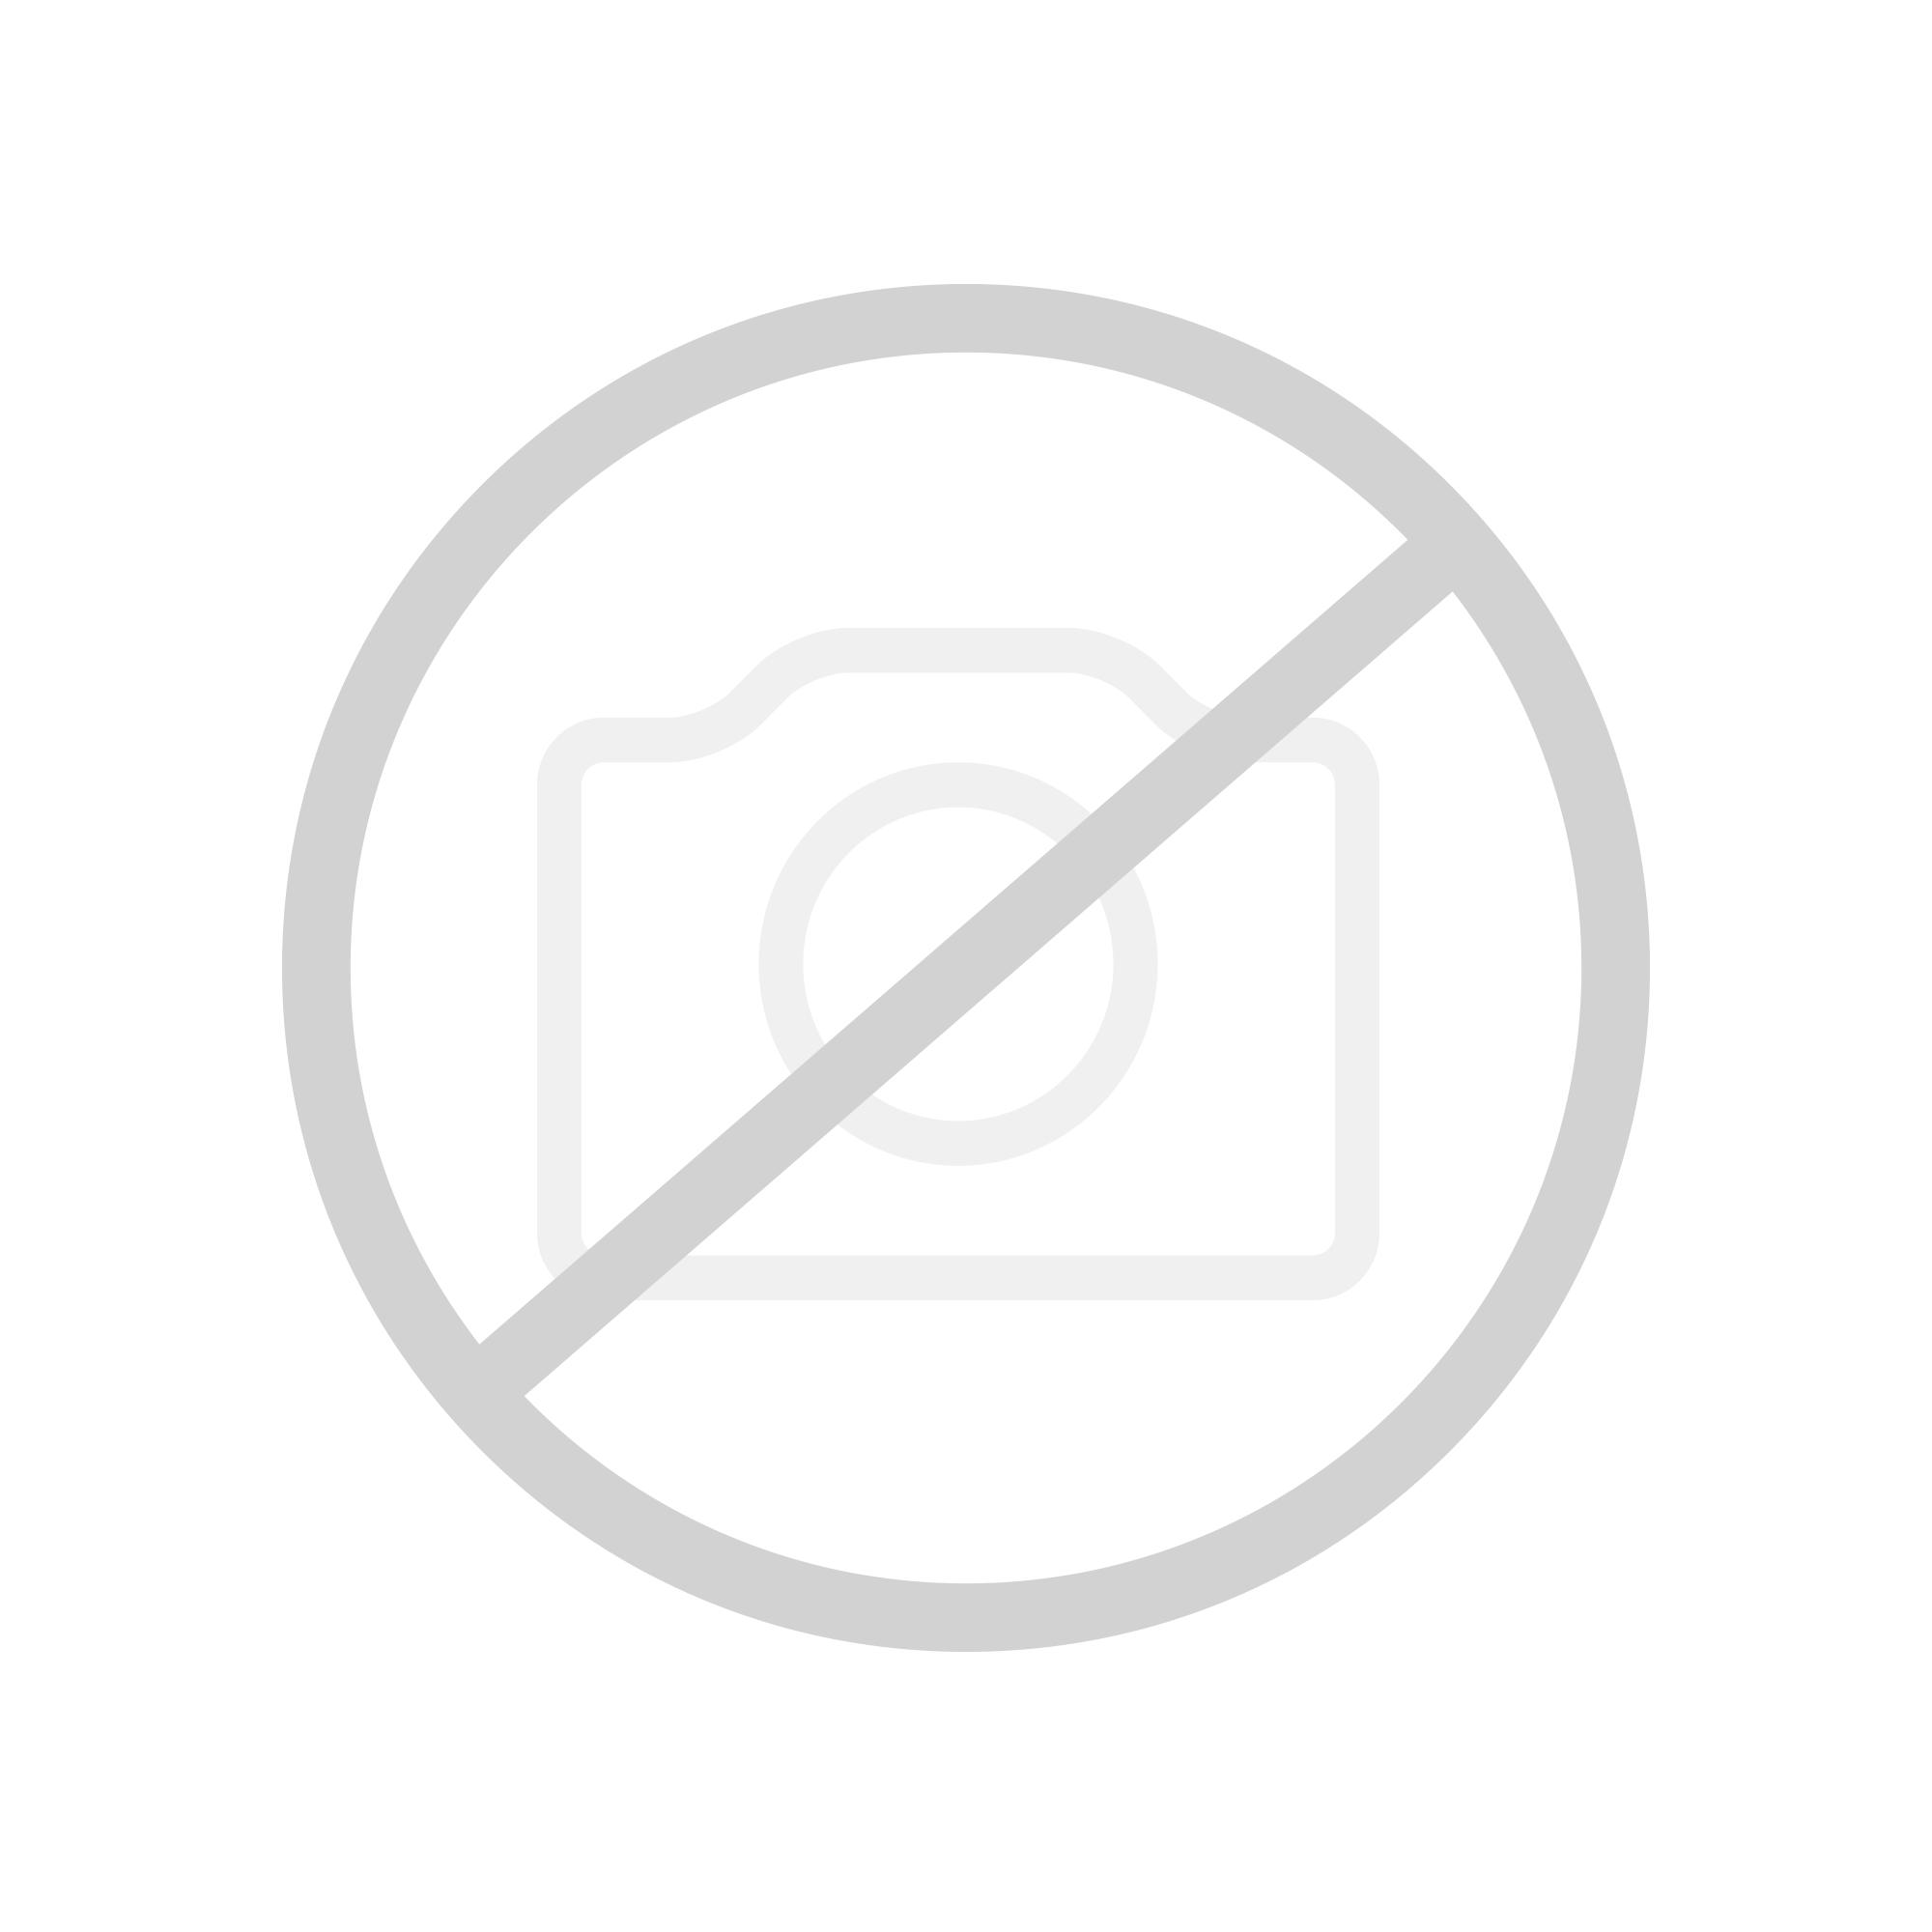 Esstisch ausziehbar eiche geölt  Chestha.com | Esszimmer Eiche Dekor